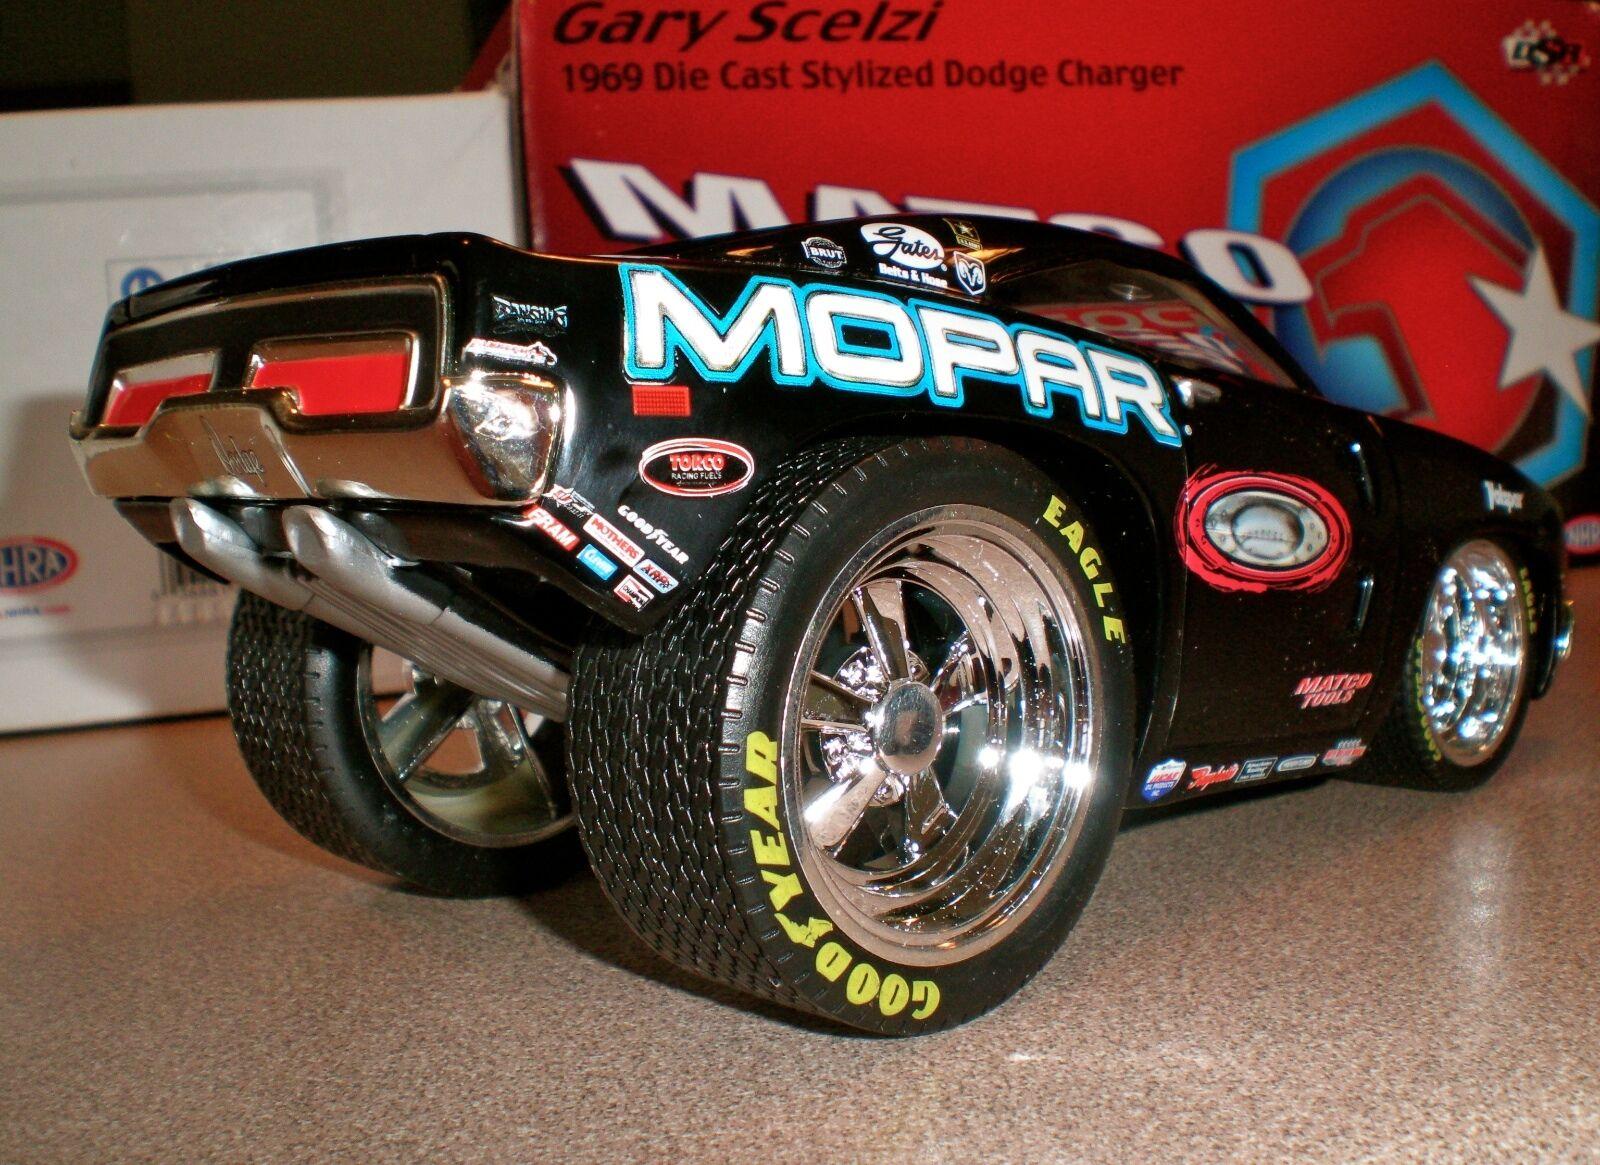 Sconto del 70% NHRA GARY GARY GARY SCELZI Top Fuel Dragster divertimentoNY auto 69 Charger  RARE  2005 Champion  migliore marca